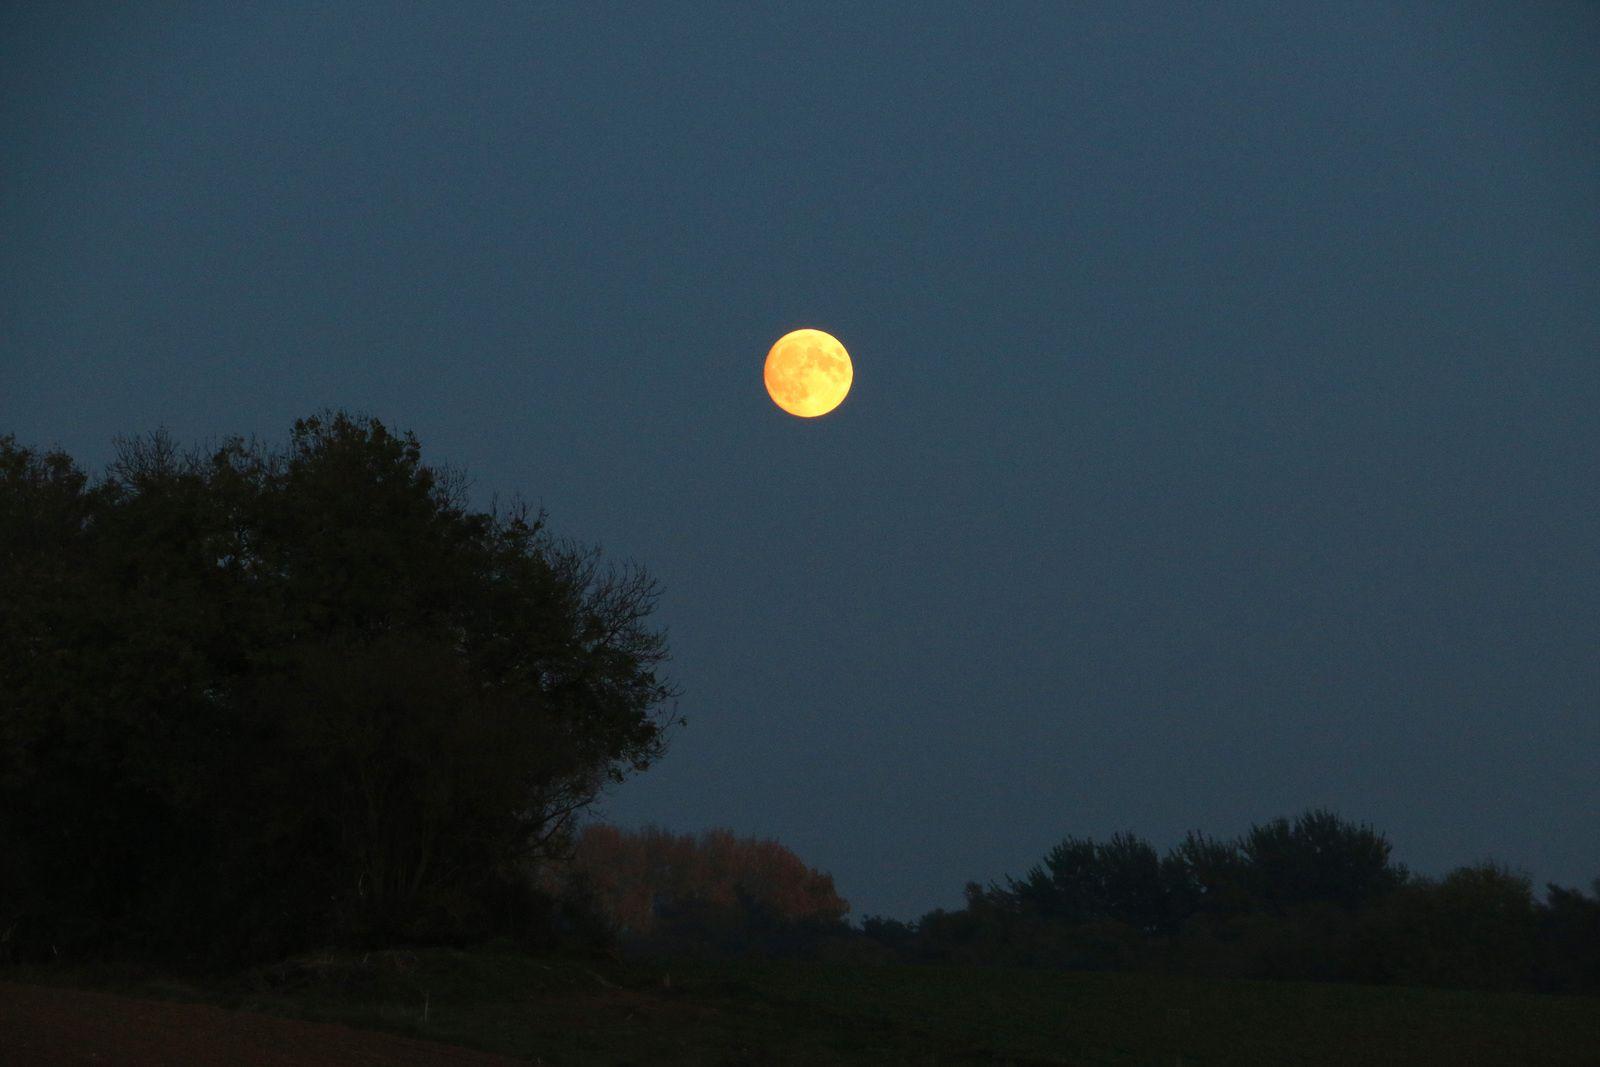 Lune rousse derrière la maison.